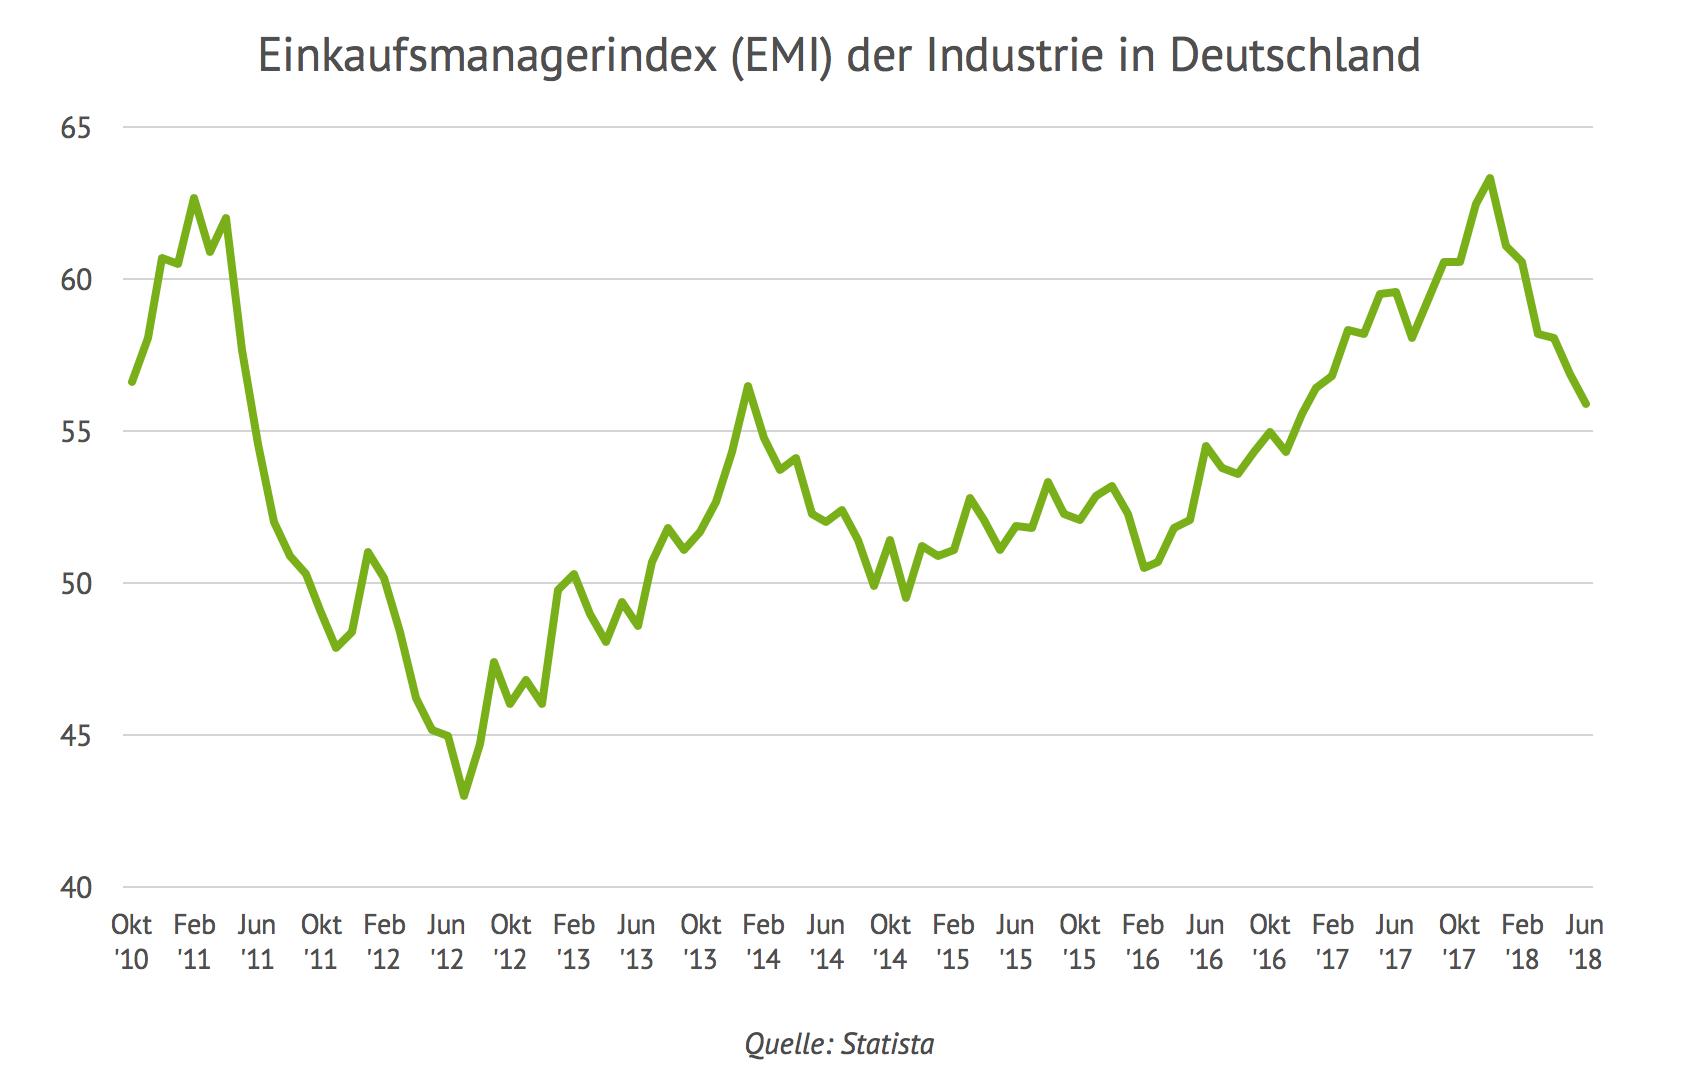 Einkaufsmanagerindex (EMI) der Industrie in Deutschland